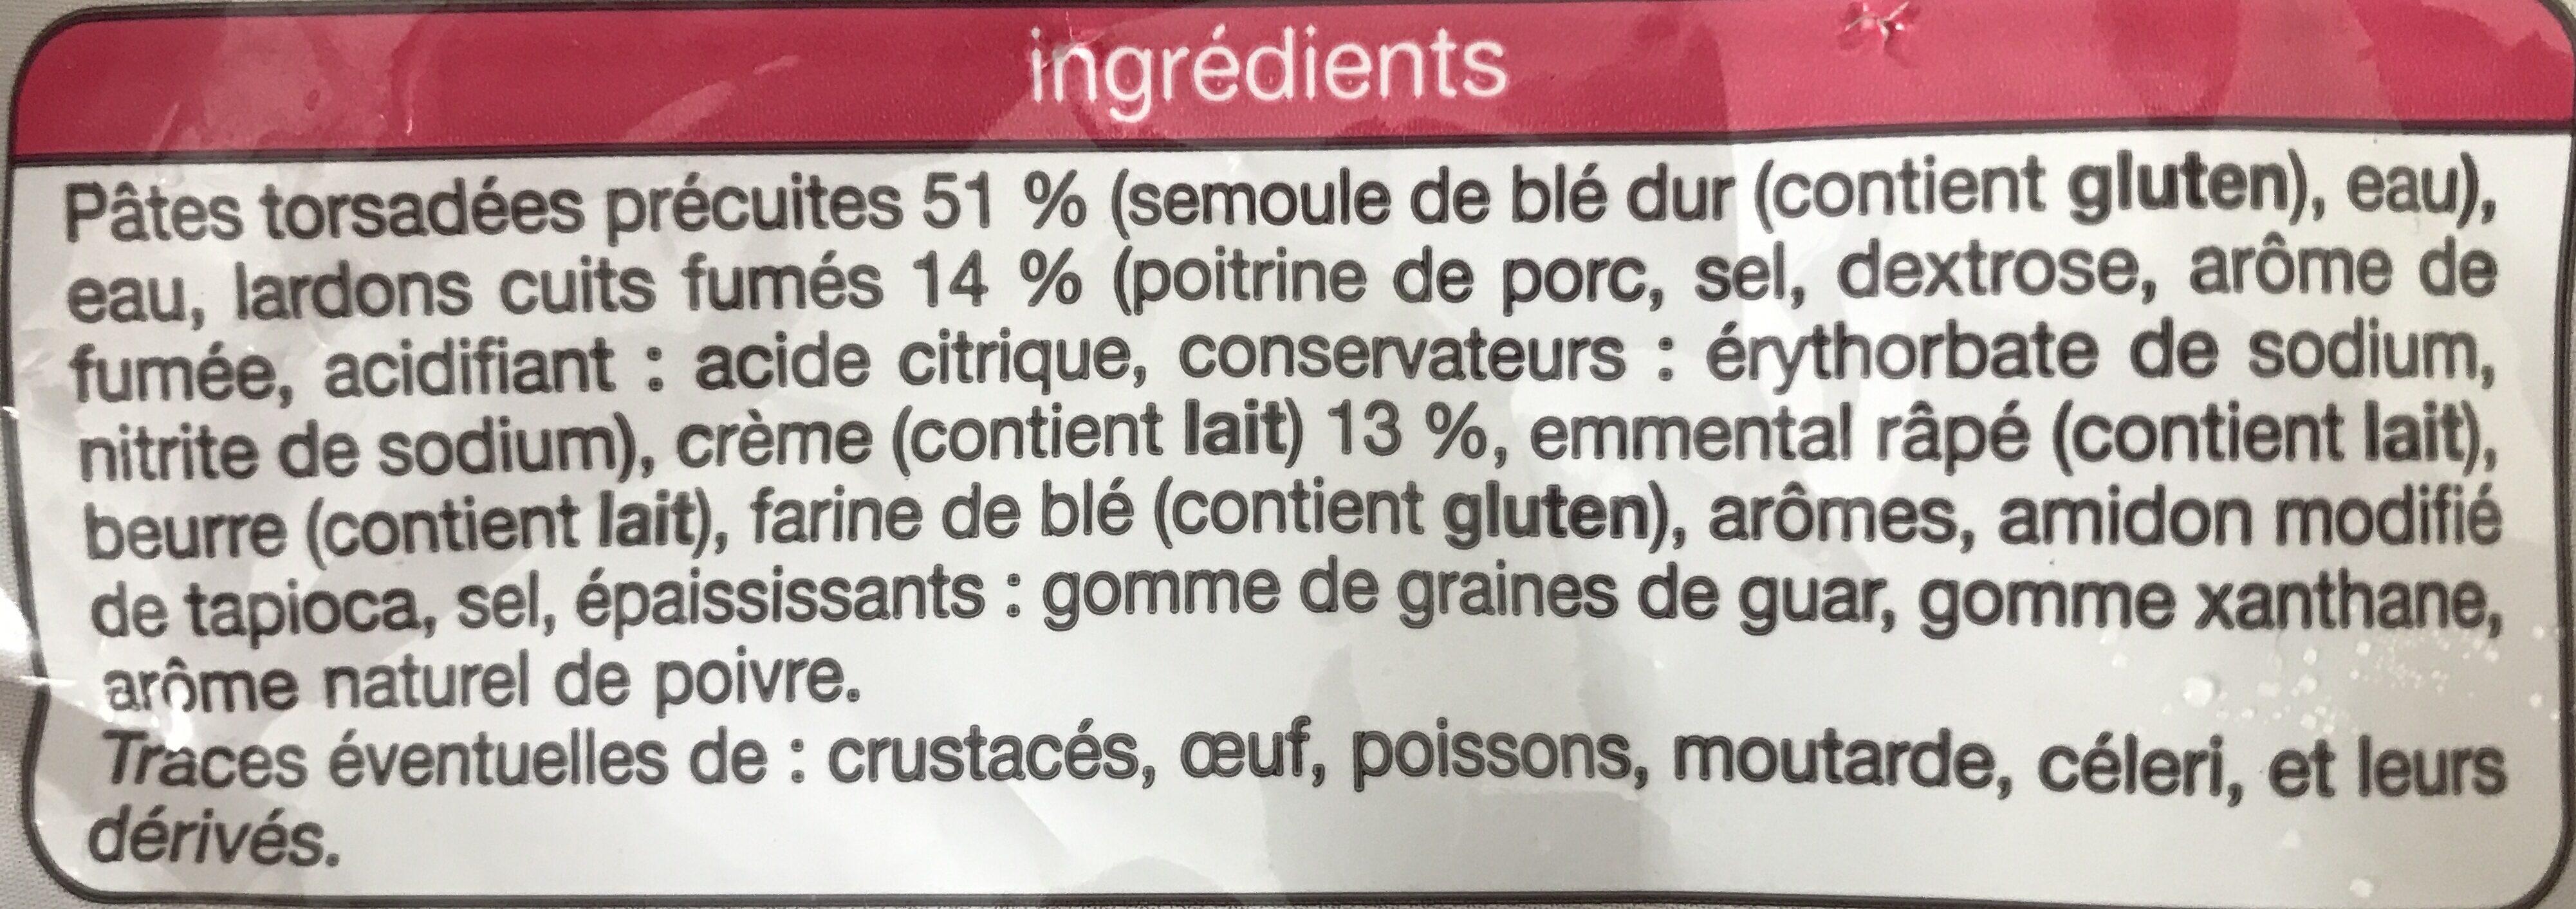 Torsades A La Carbonara Auchan - Ingrediënten - fr